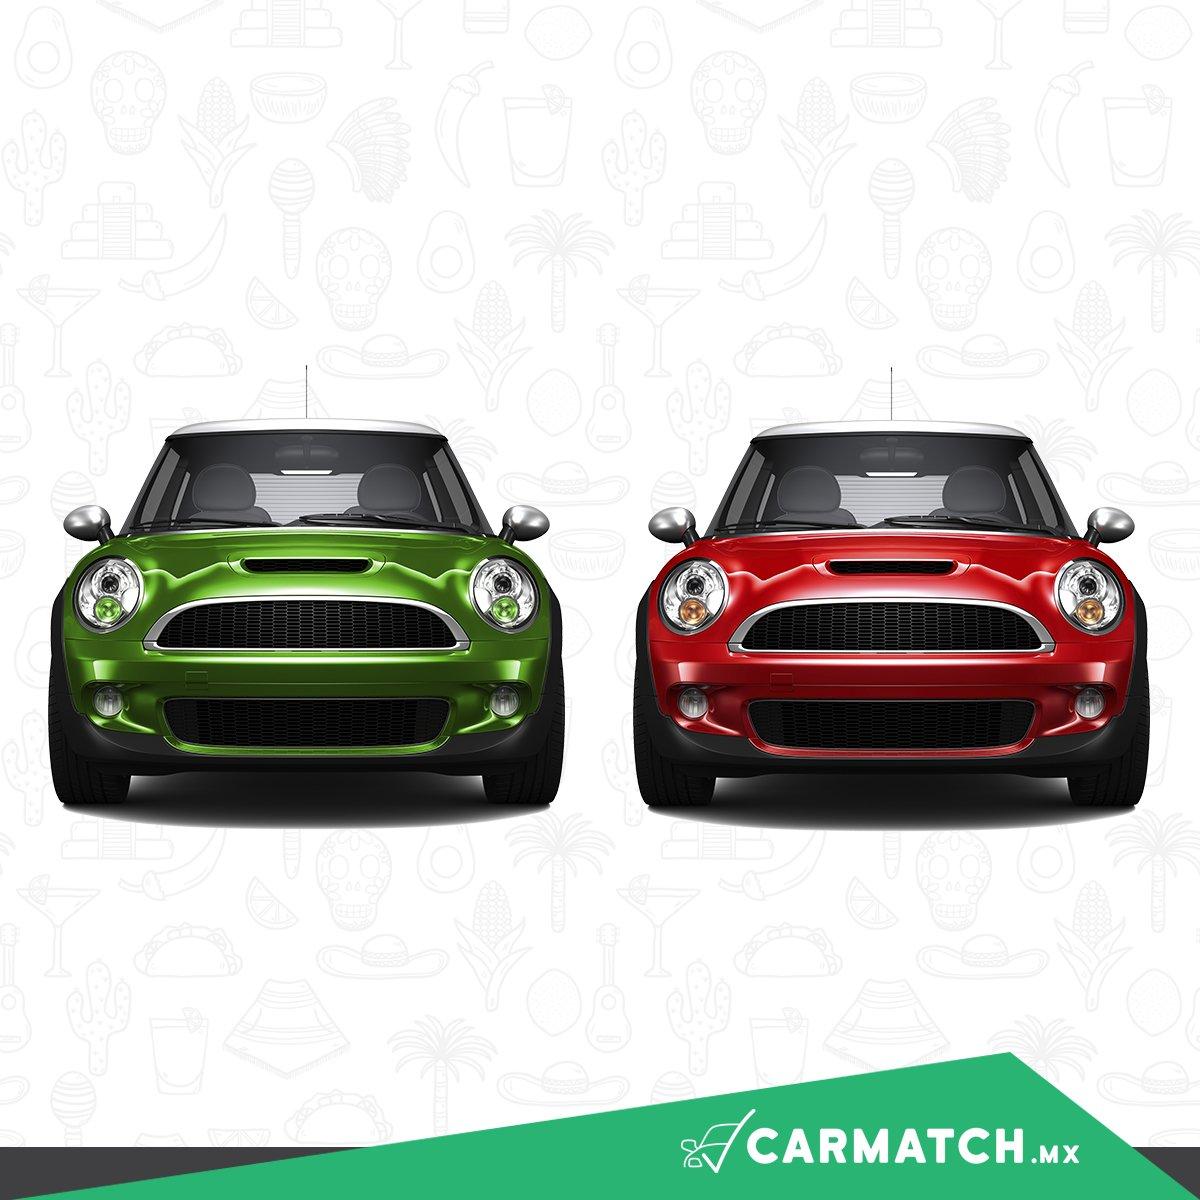 ¡Celebremos juntos y vende tu coche en CarmatchMx! 🚙💨✅  Recuerda que hoy 15 de septiembre, nuestro horario de atención será de 9:00 a 14:00 hrs.  Acude a tu inspección en cualquiera de nuestras sucursales ;)   🇲🇽¡Viva México! 🇲🇽 https://t.co/lRovGtxc13